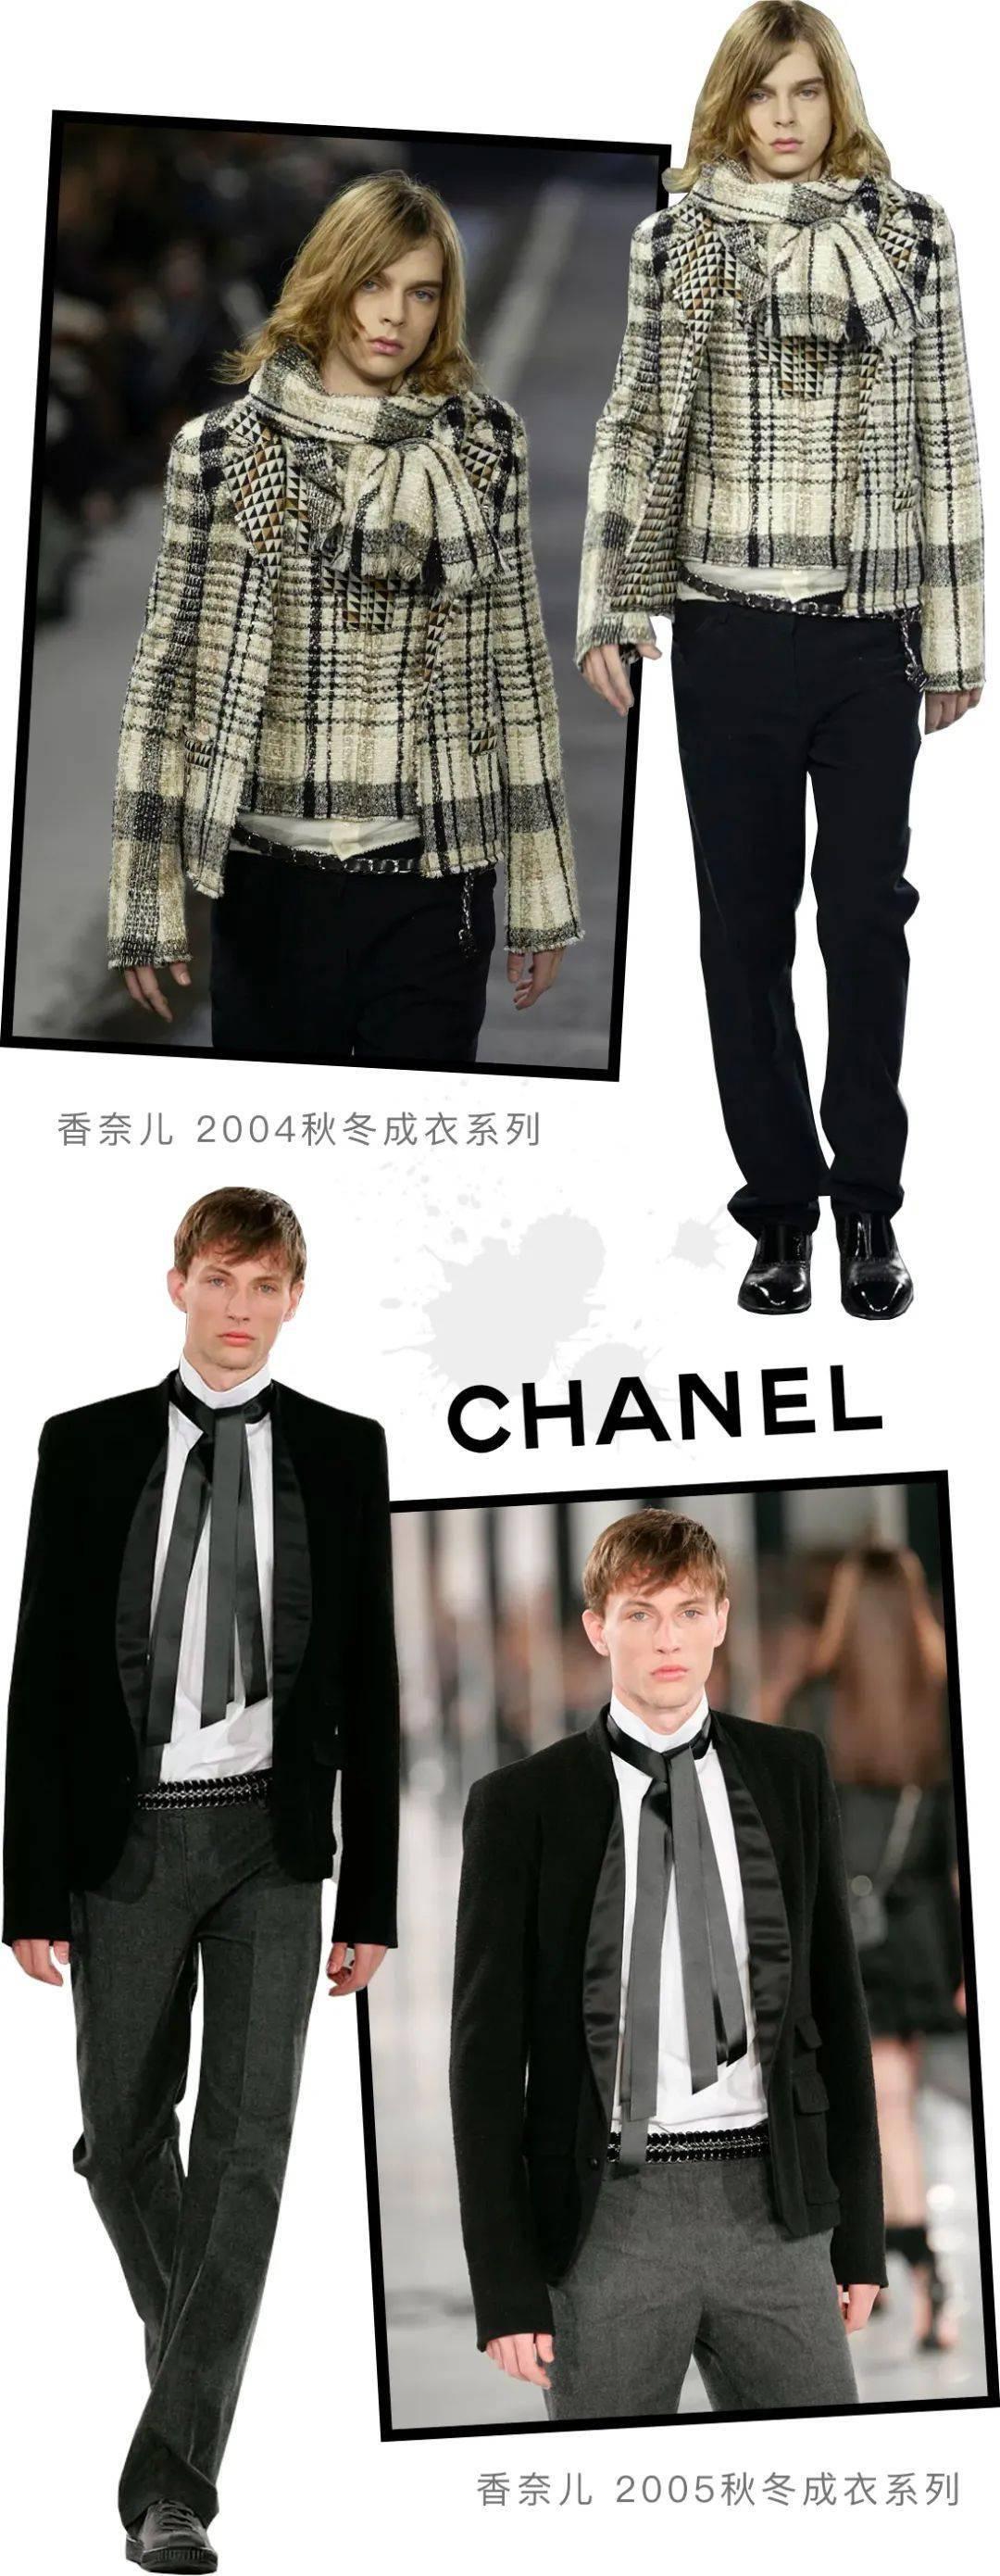 男生穿香奈儿真的很娘吗?